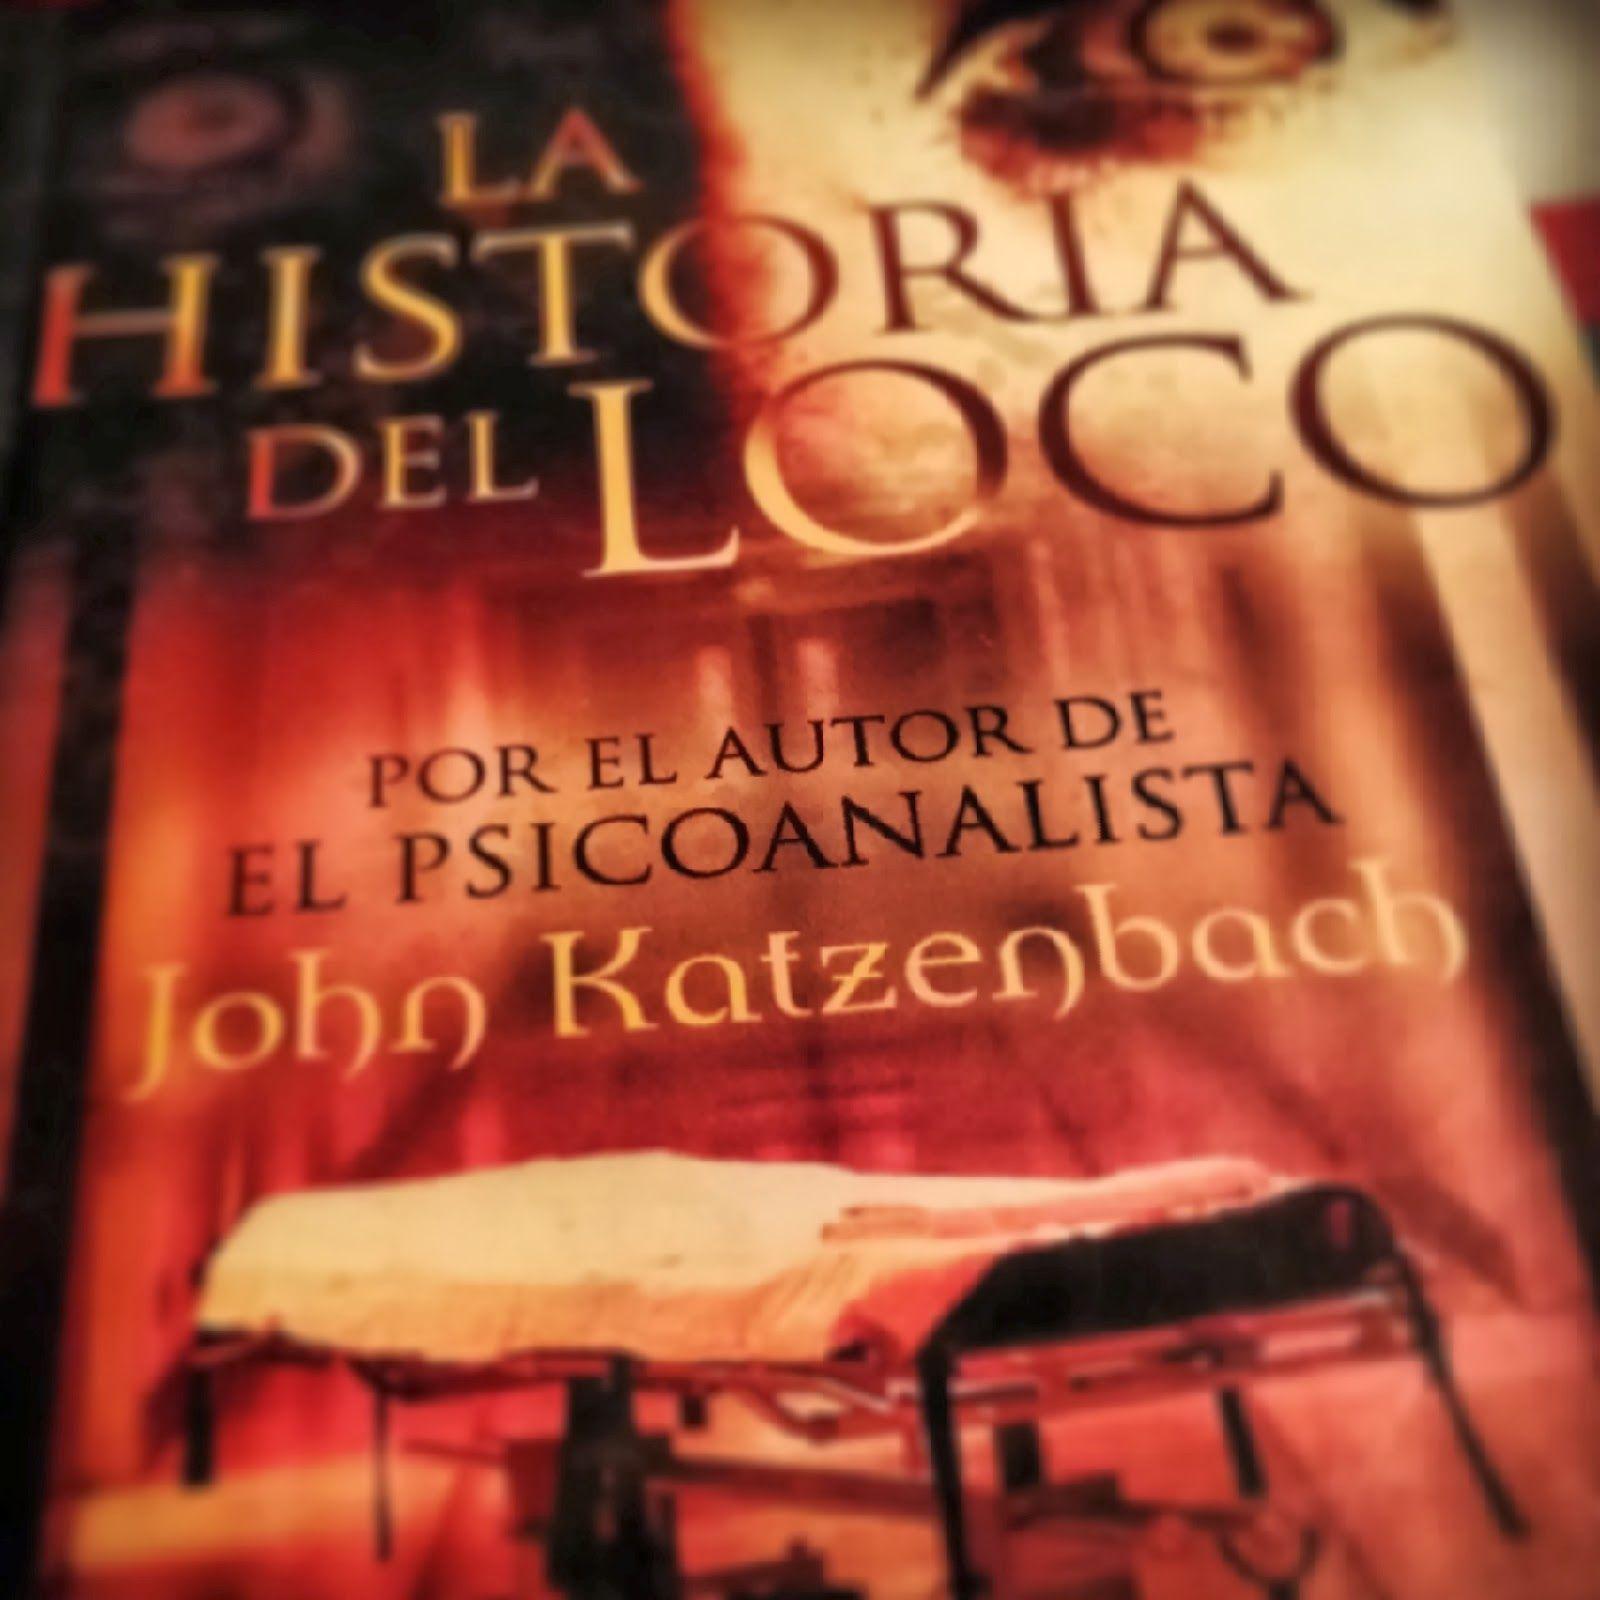 La Historia Del Loco Historia Loca Blog De Libros